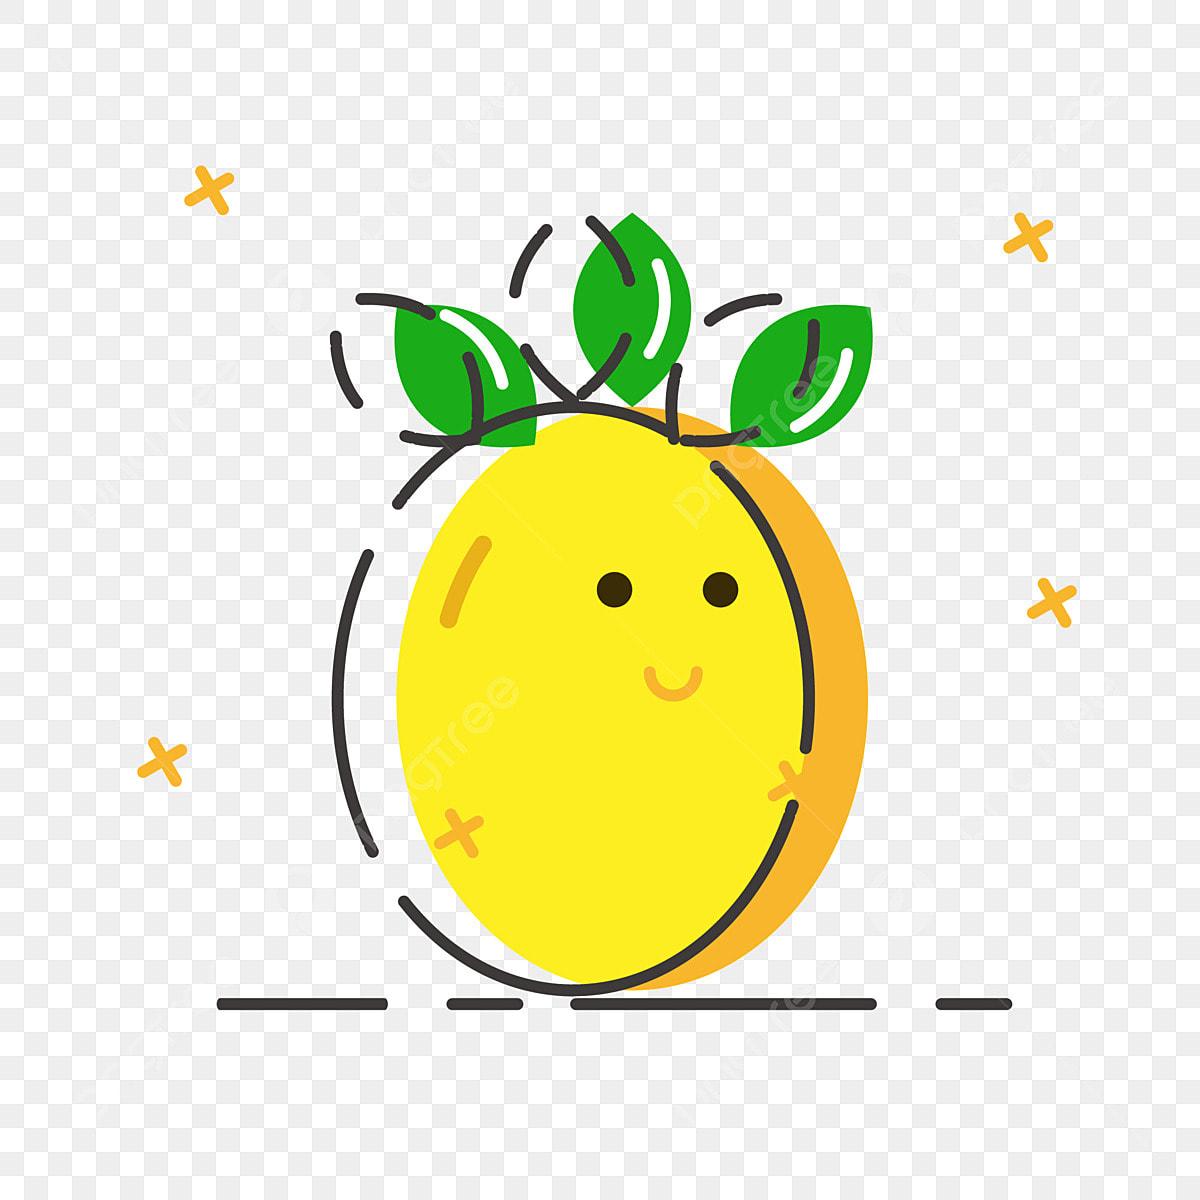 Ananas Rysunek ciepłe kolory fajnie latem postać kreskówki owoców ananasa